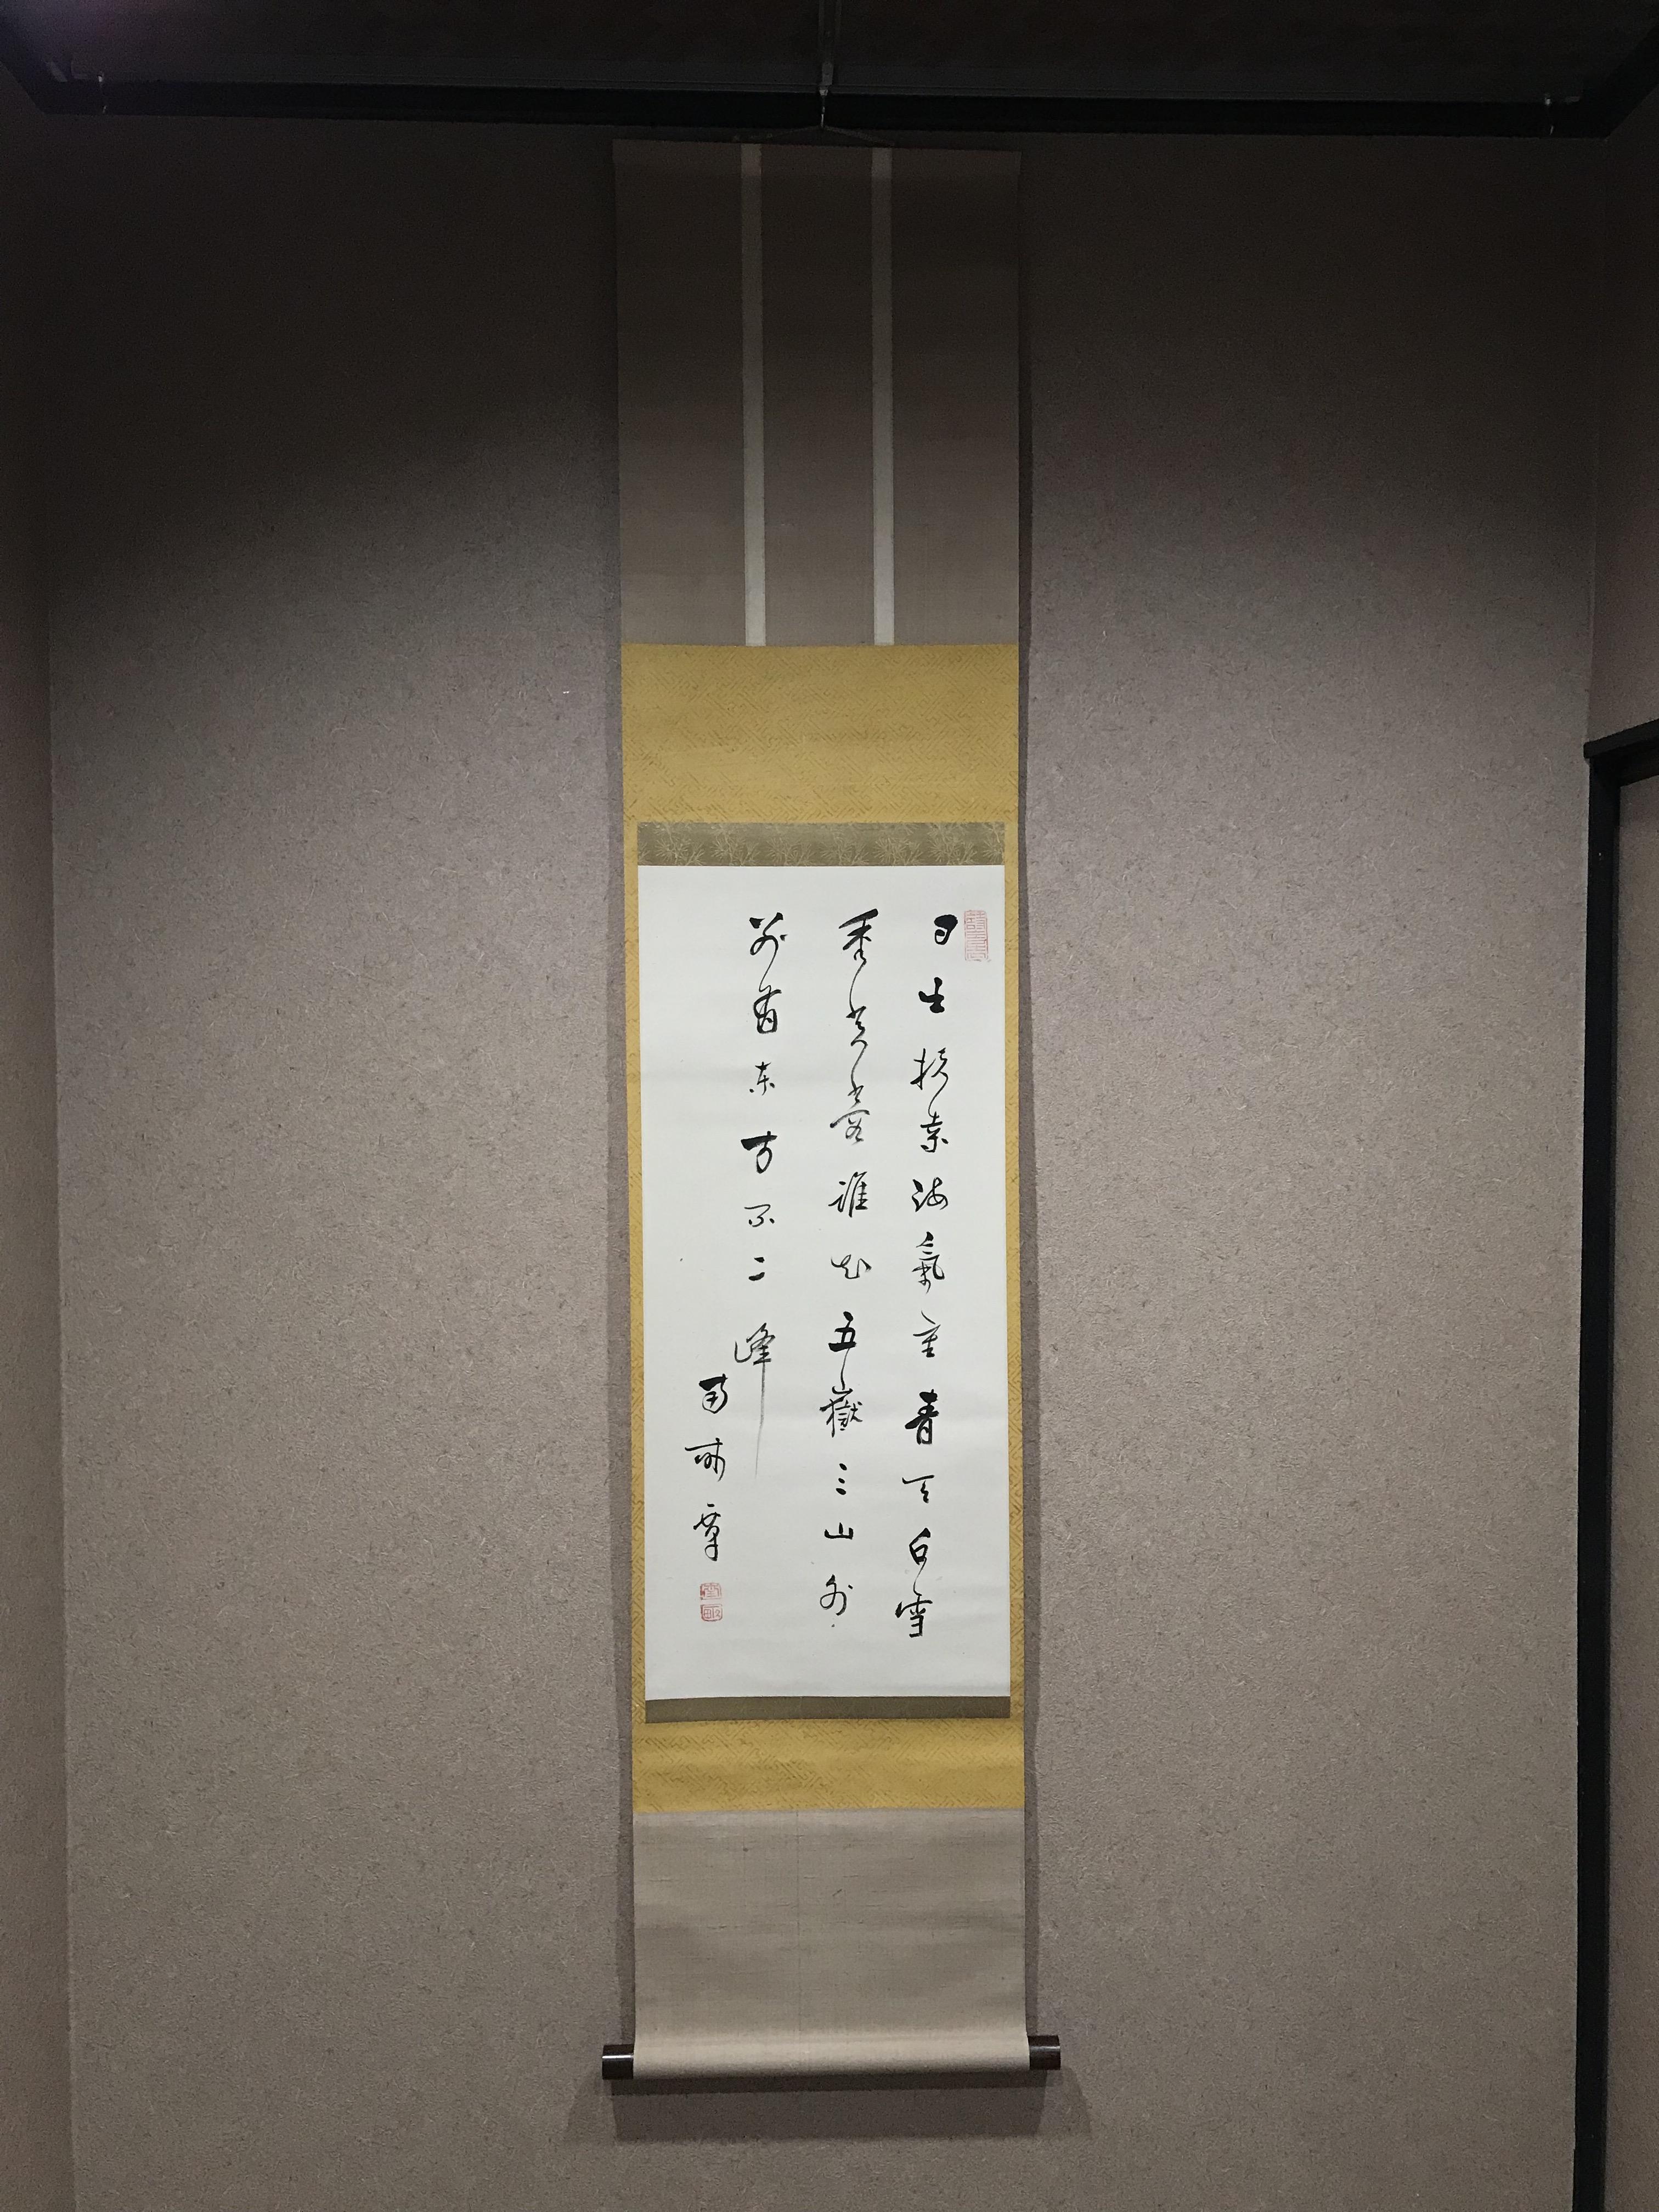 太田蜀山人/ 漢詩 嶽を望む の掛軸